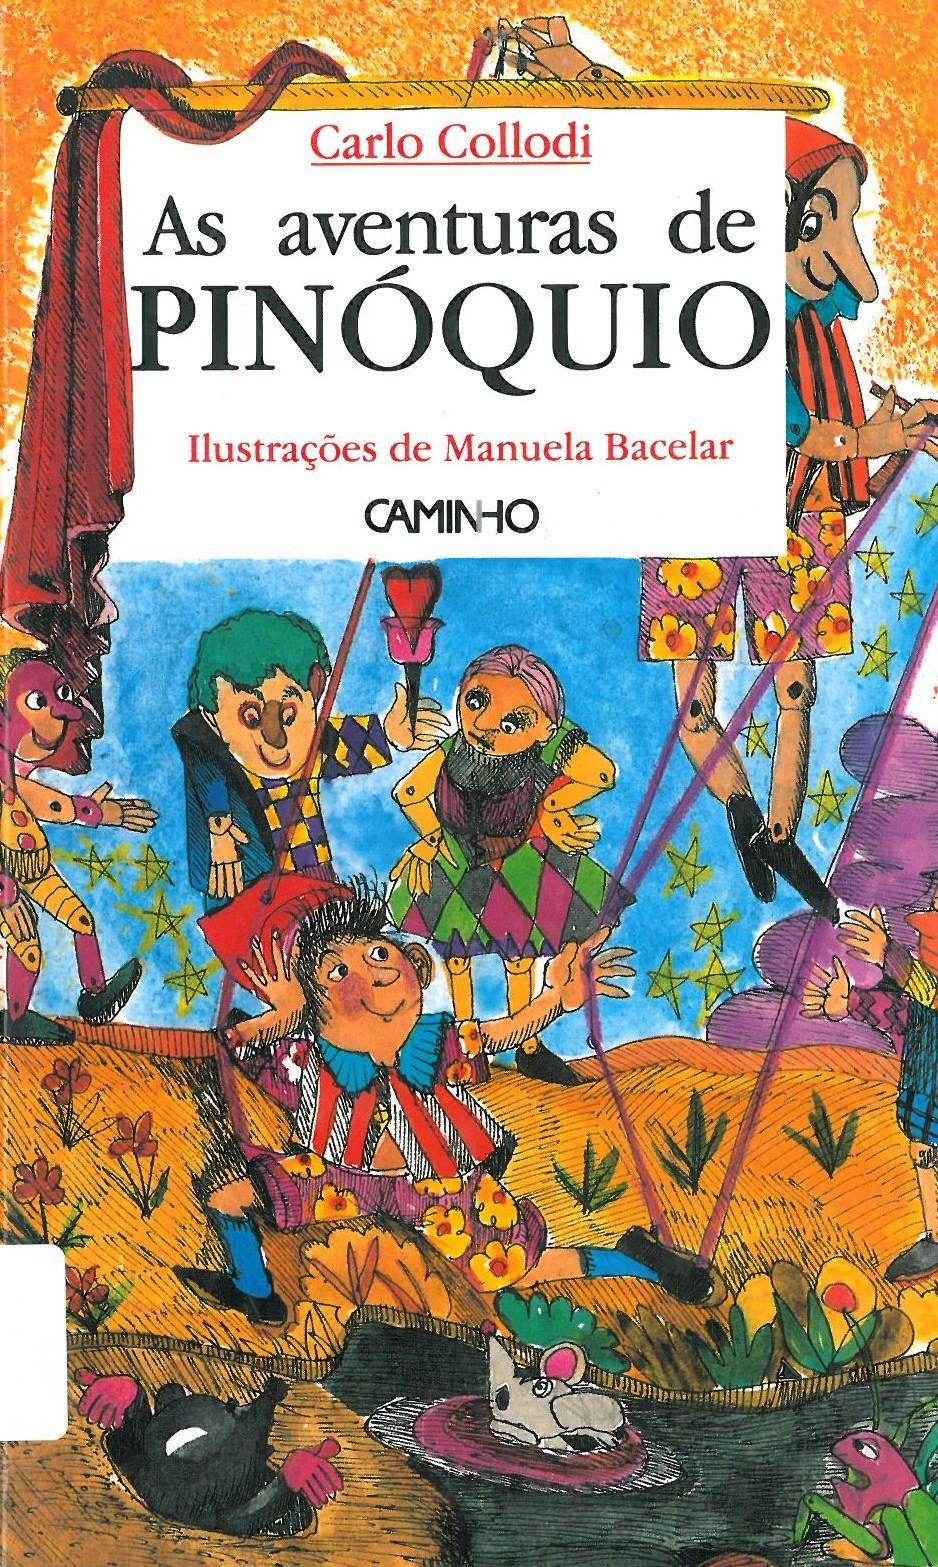 as aventuras de pinoquio.jpg